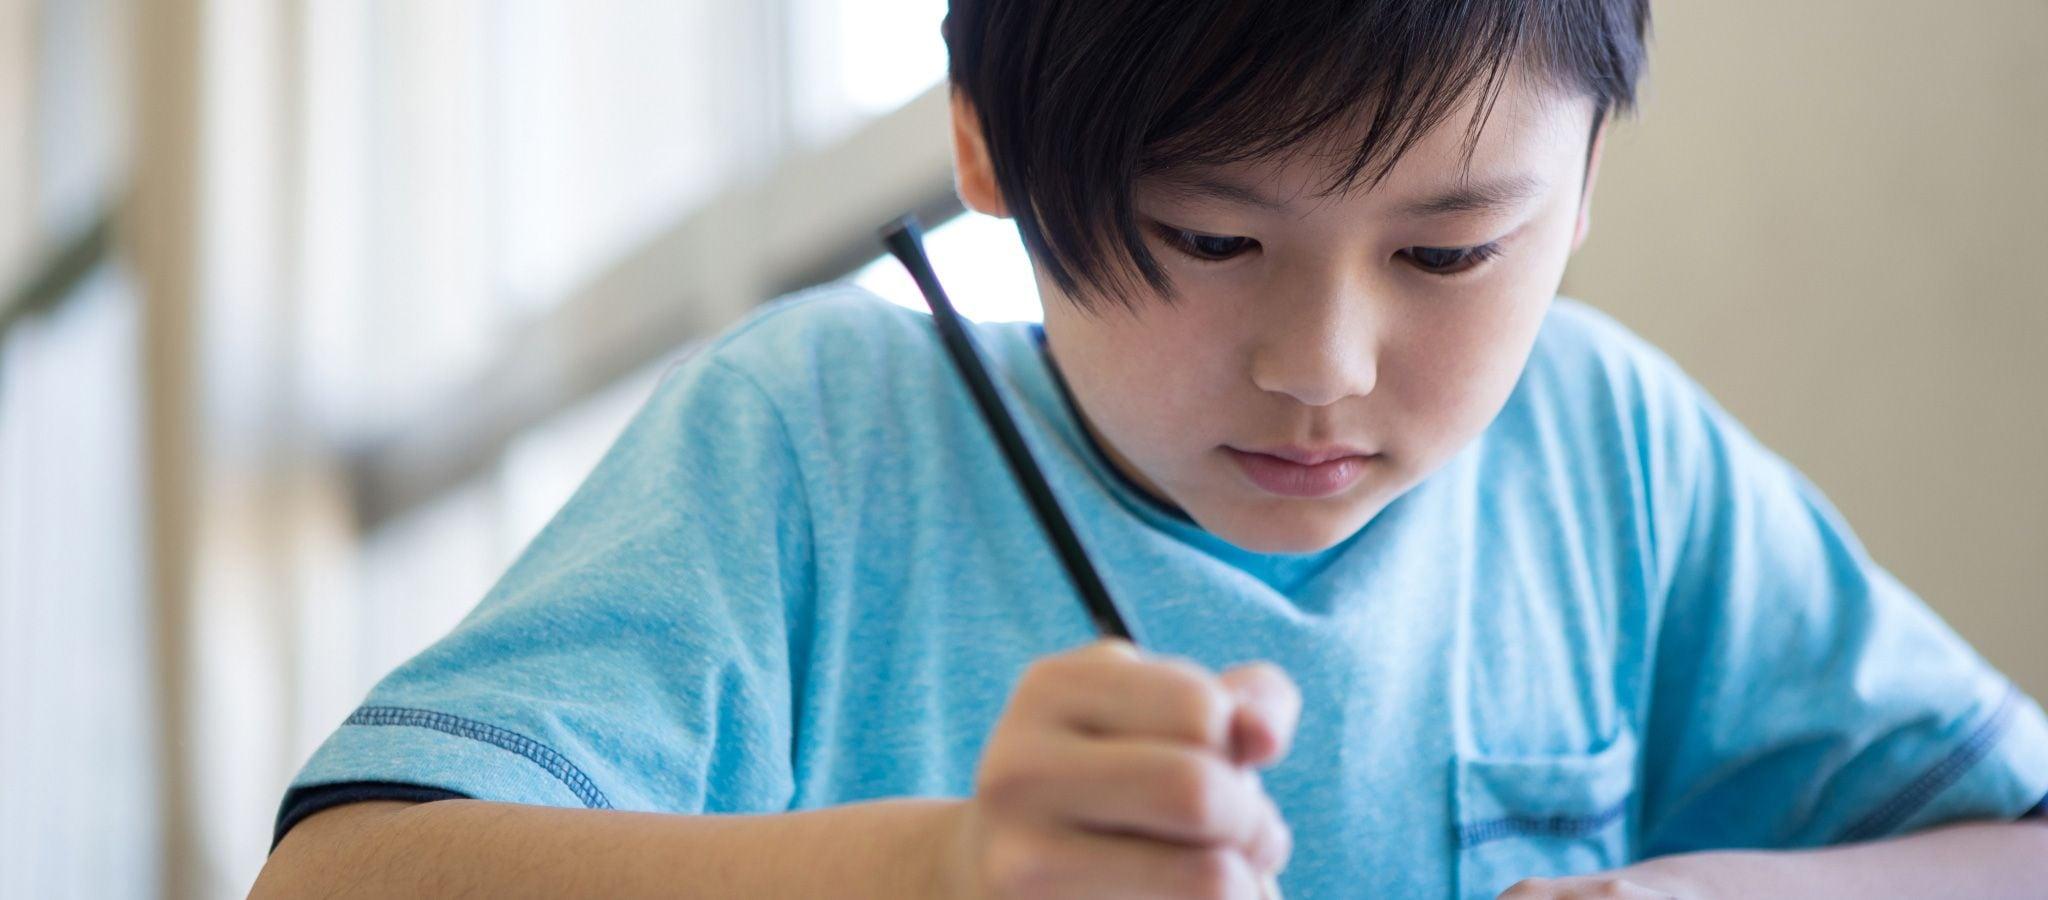 船橋市立坪井小学校の峯友明校長と萩原直之先生に聞いた「失敗恐れる優等生」に効く、うまい殻の破り方